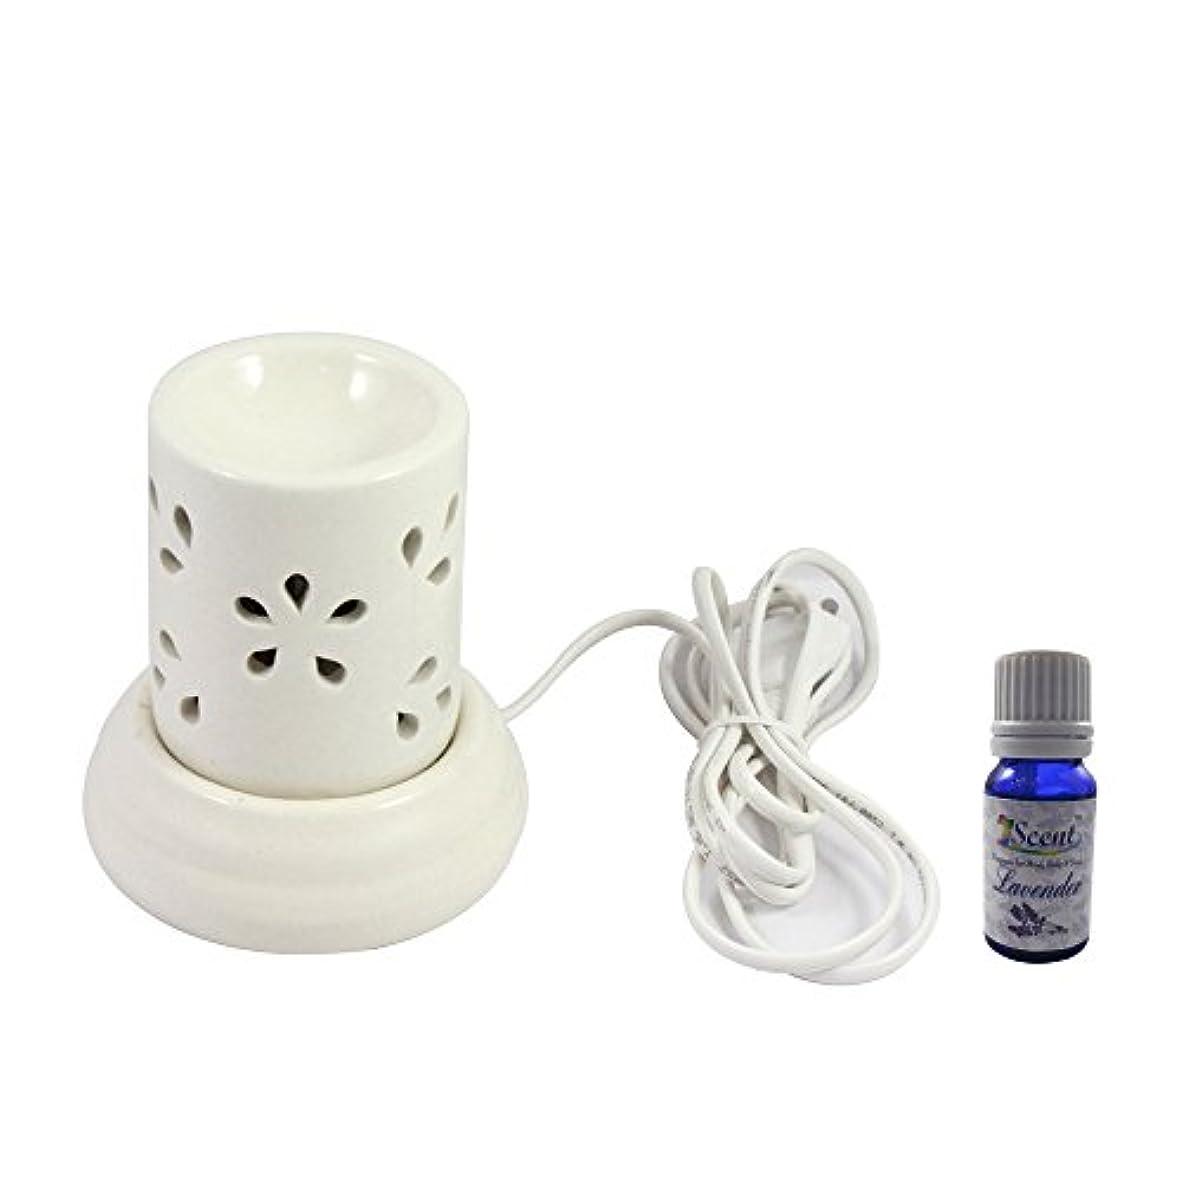 瞑想的止まる進行中家庭装飾定期的に使用する汚染されていない手作りセラミックエスニック電気アロマディフューザーオイルバーナージャスミンフレグランスオイル|良質白い色の電気アロマテラピー香油暖かい数量1